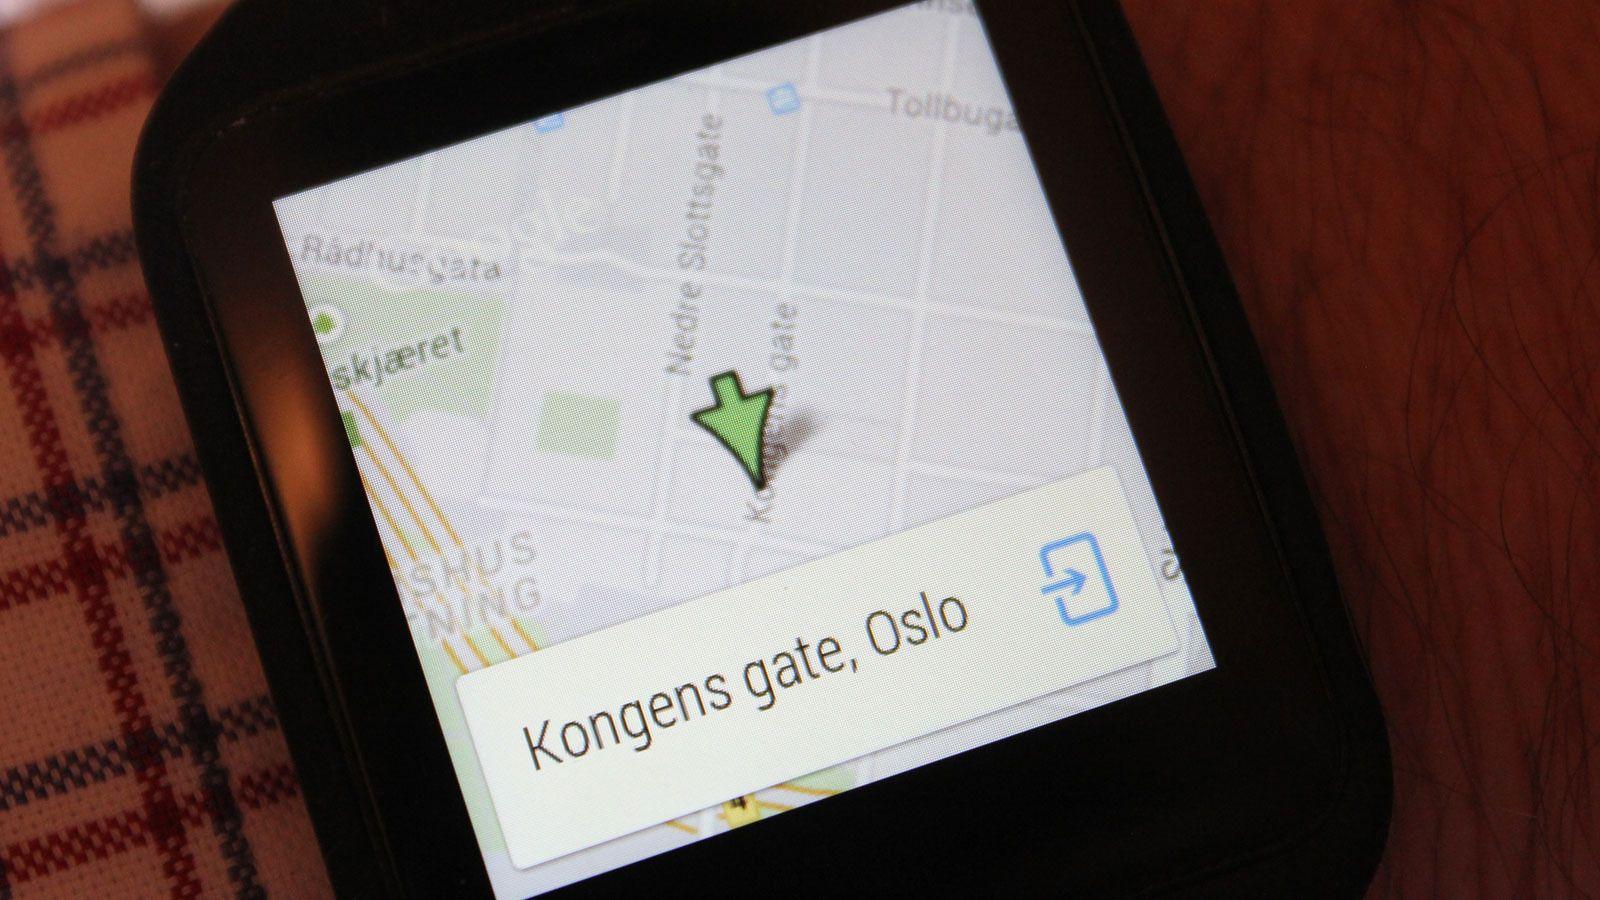 Søk etter et sted, og det vises et kart på klokka. Herfra kan du åpne for navigasjon på mobilen med piler som viser kjøreinstruksjoner på klokkeskjermen.Foto: Espen Irwing Swang, Tek.no